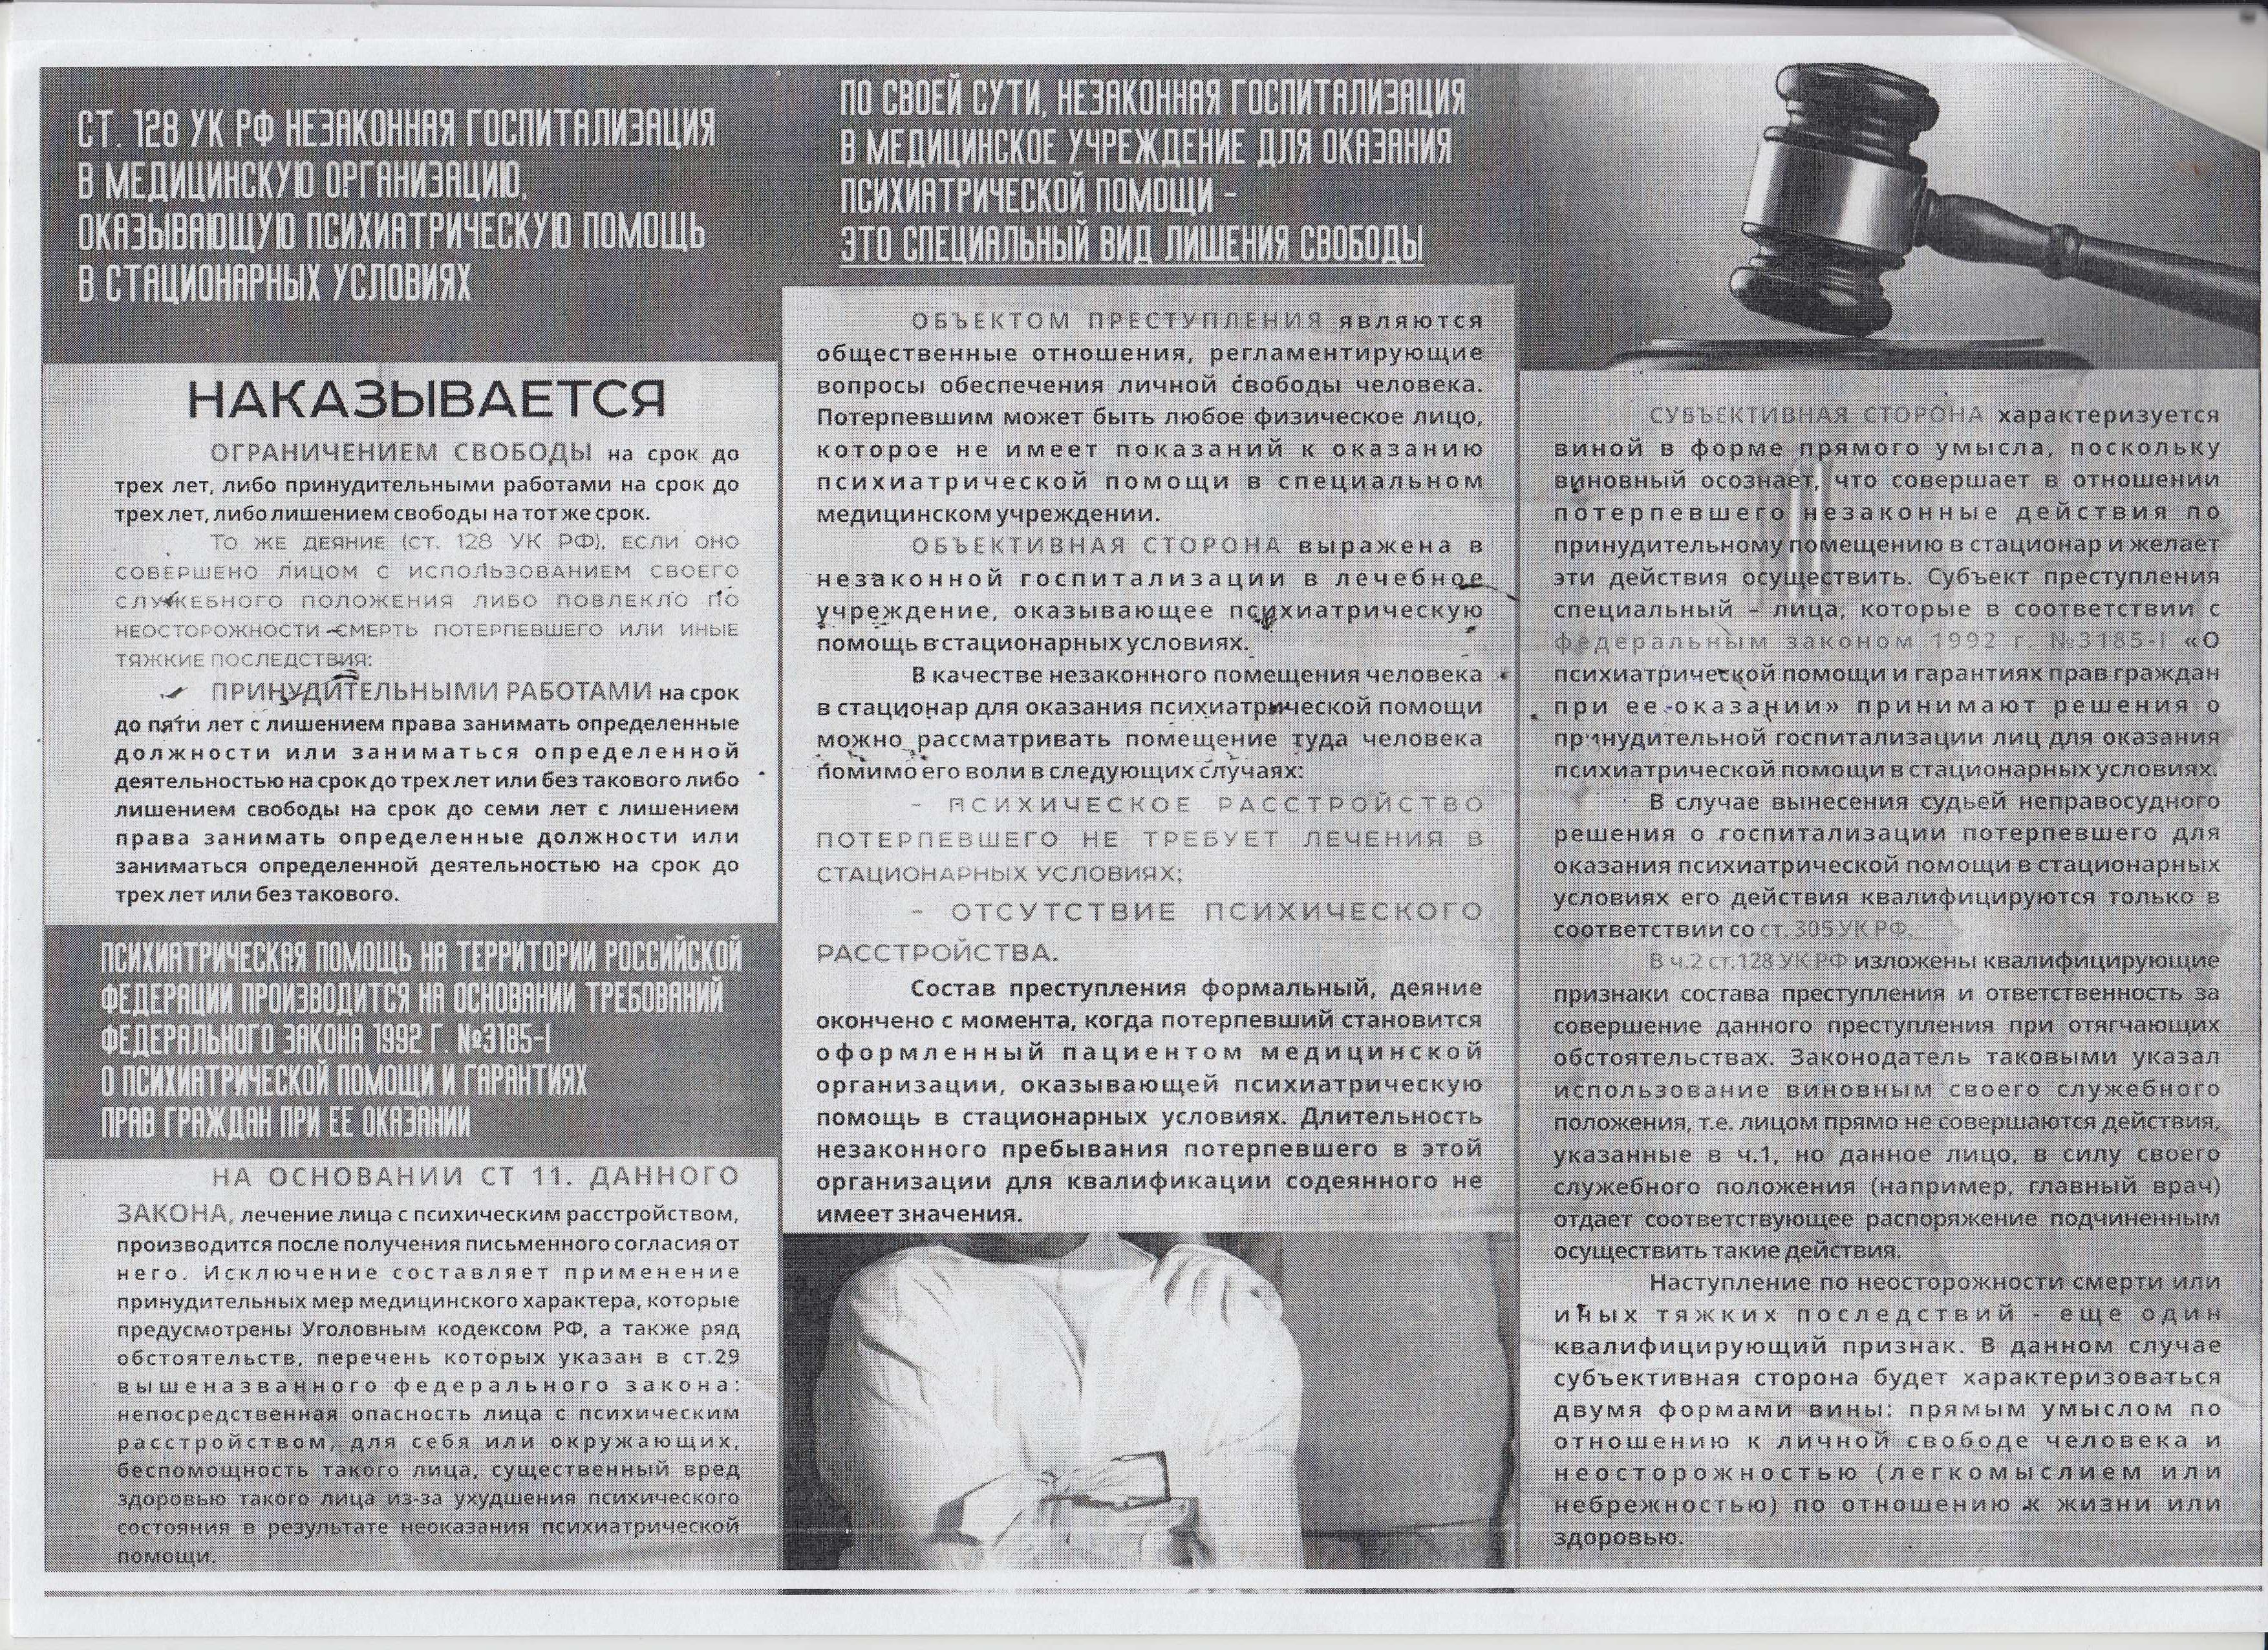 все займы онлайн в казахстане 24/7 для пенсионеров 75 лет